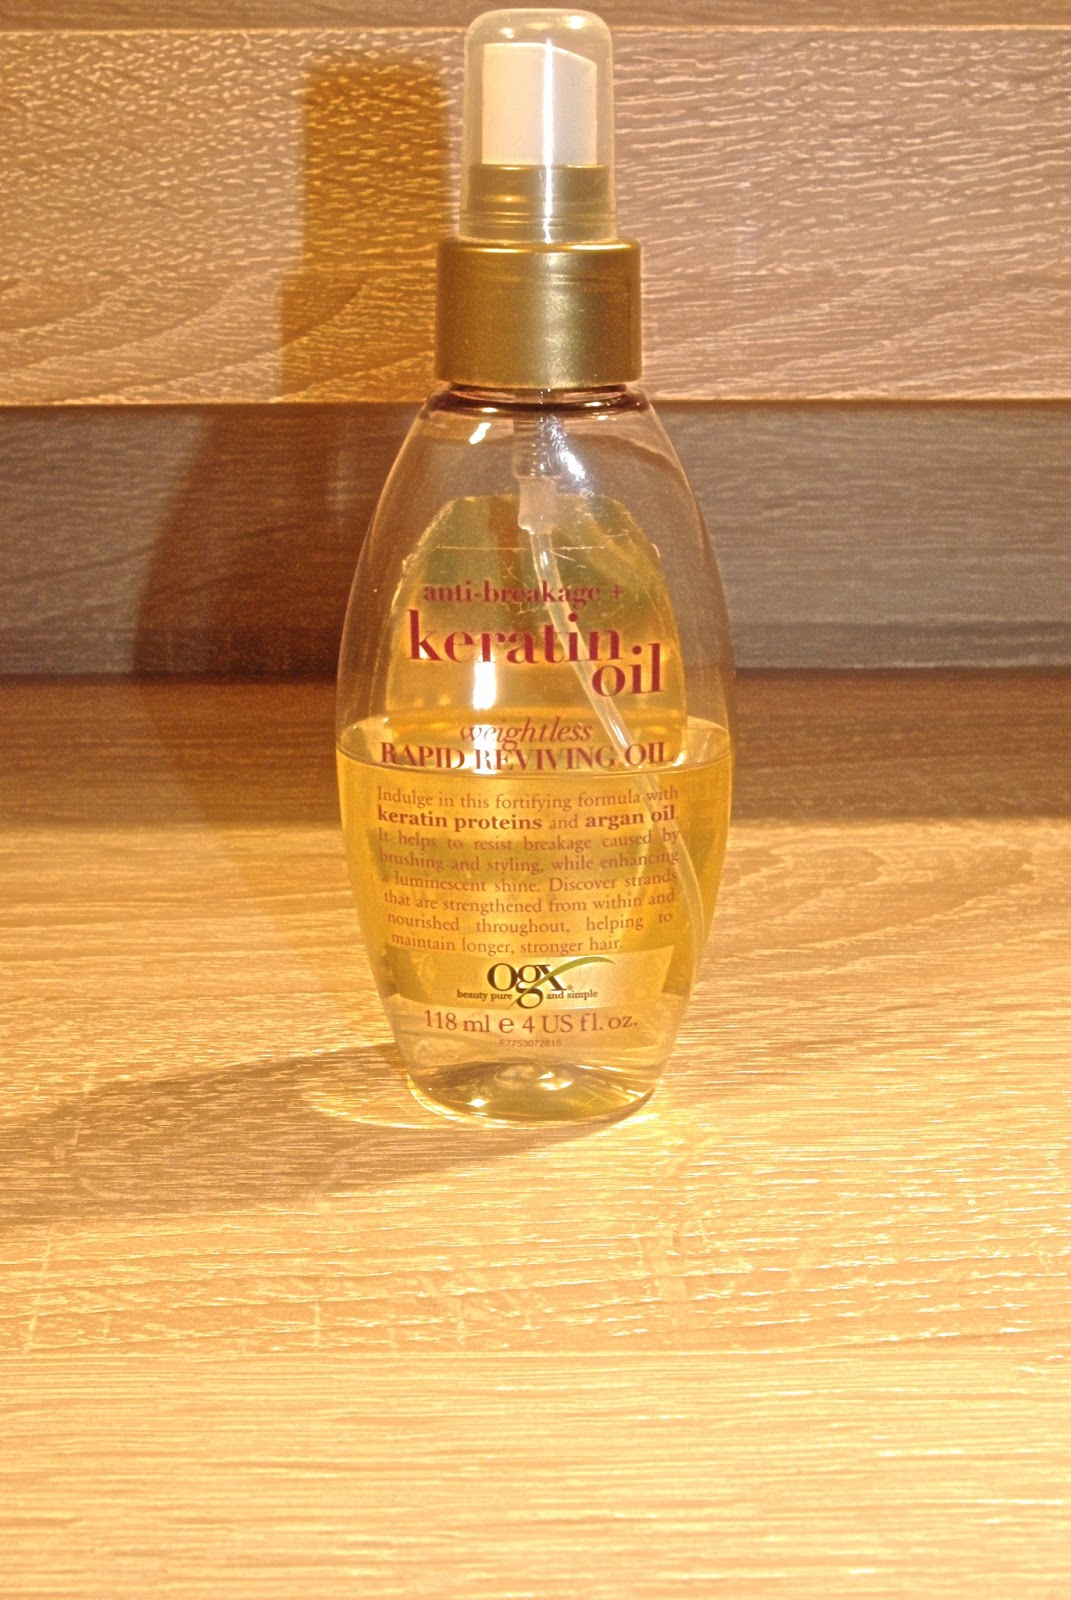 5db3250accf Õli on kerges plastikpudelis ning see on varustatud spreiga, toodet on  pudelis 118 ml ning hinnaks orienteeruvalt 10-11€. Õli lubab olla juuste  lõhenemise ...